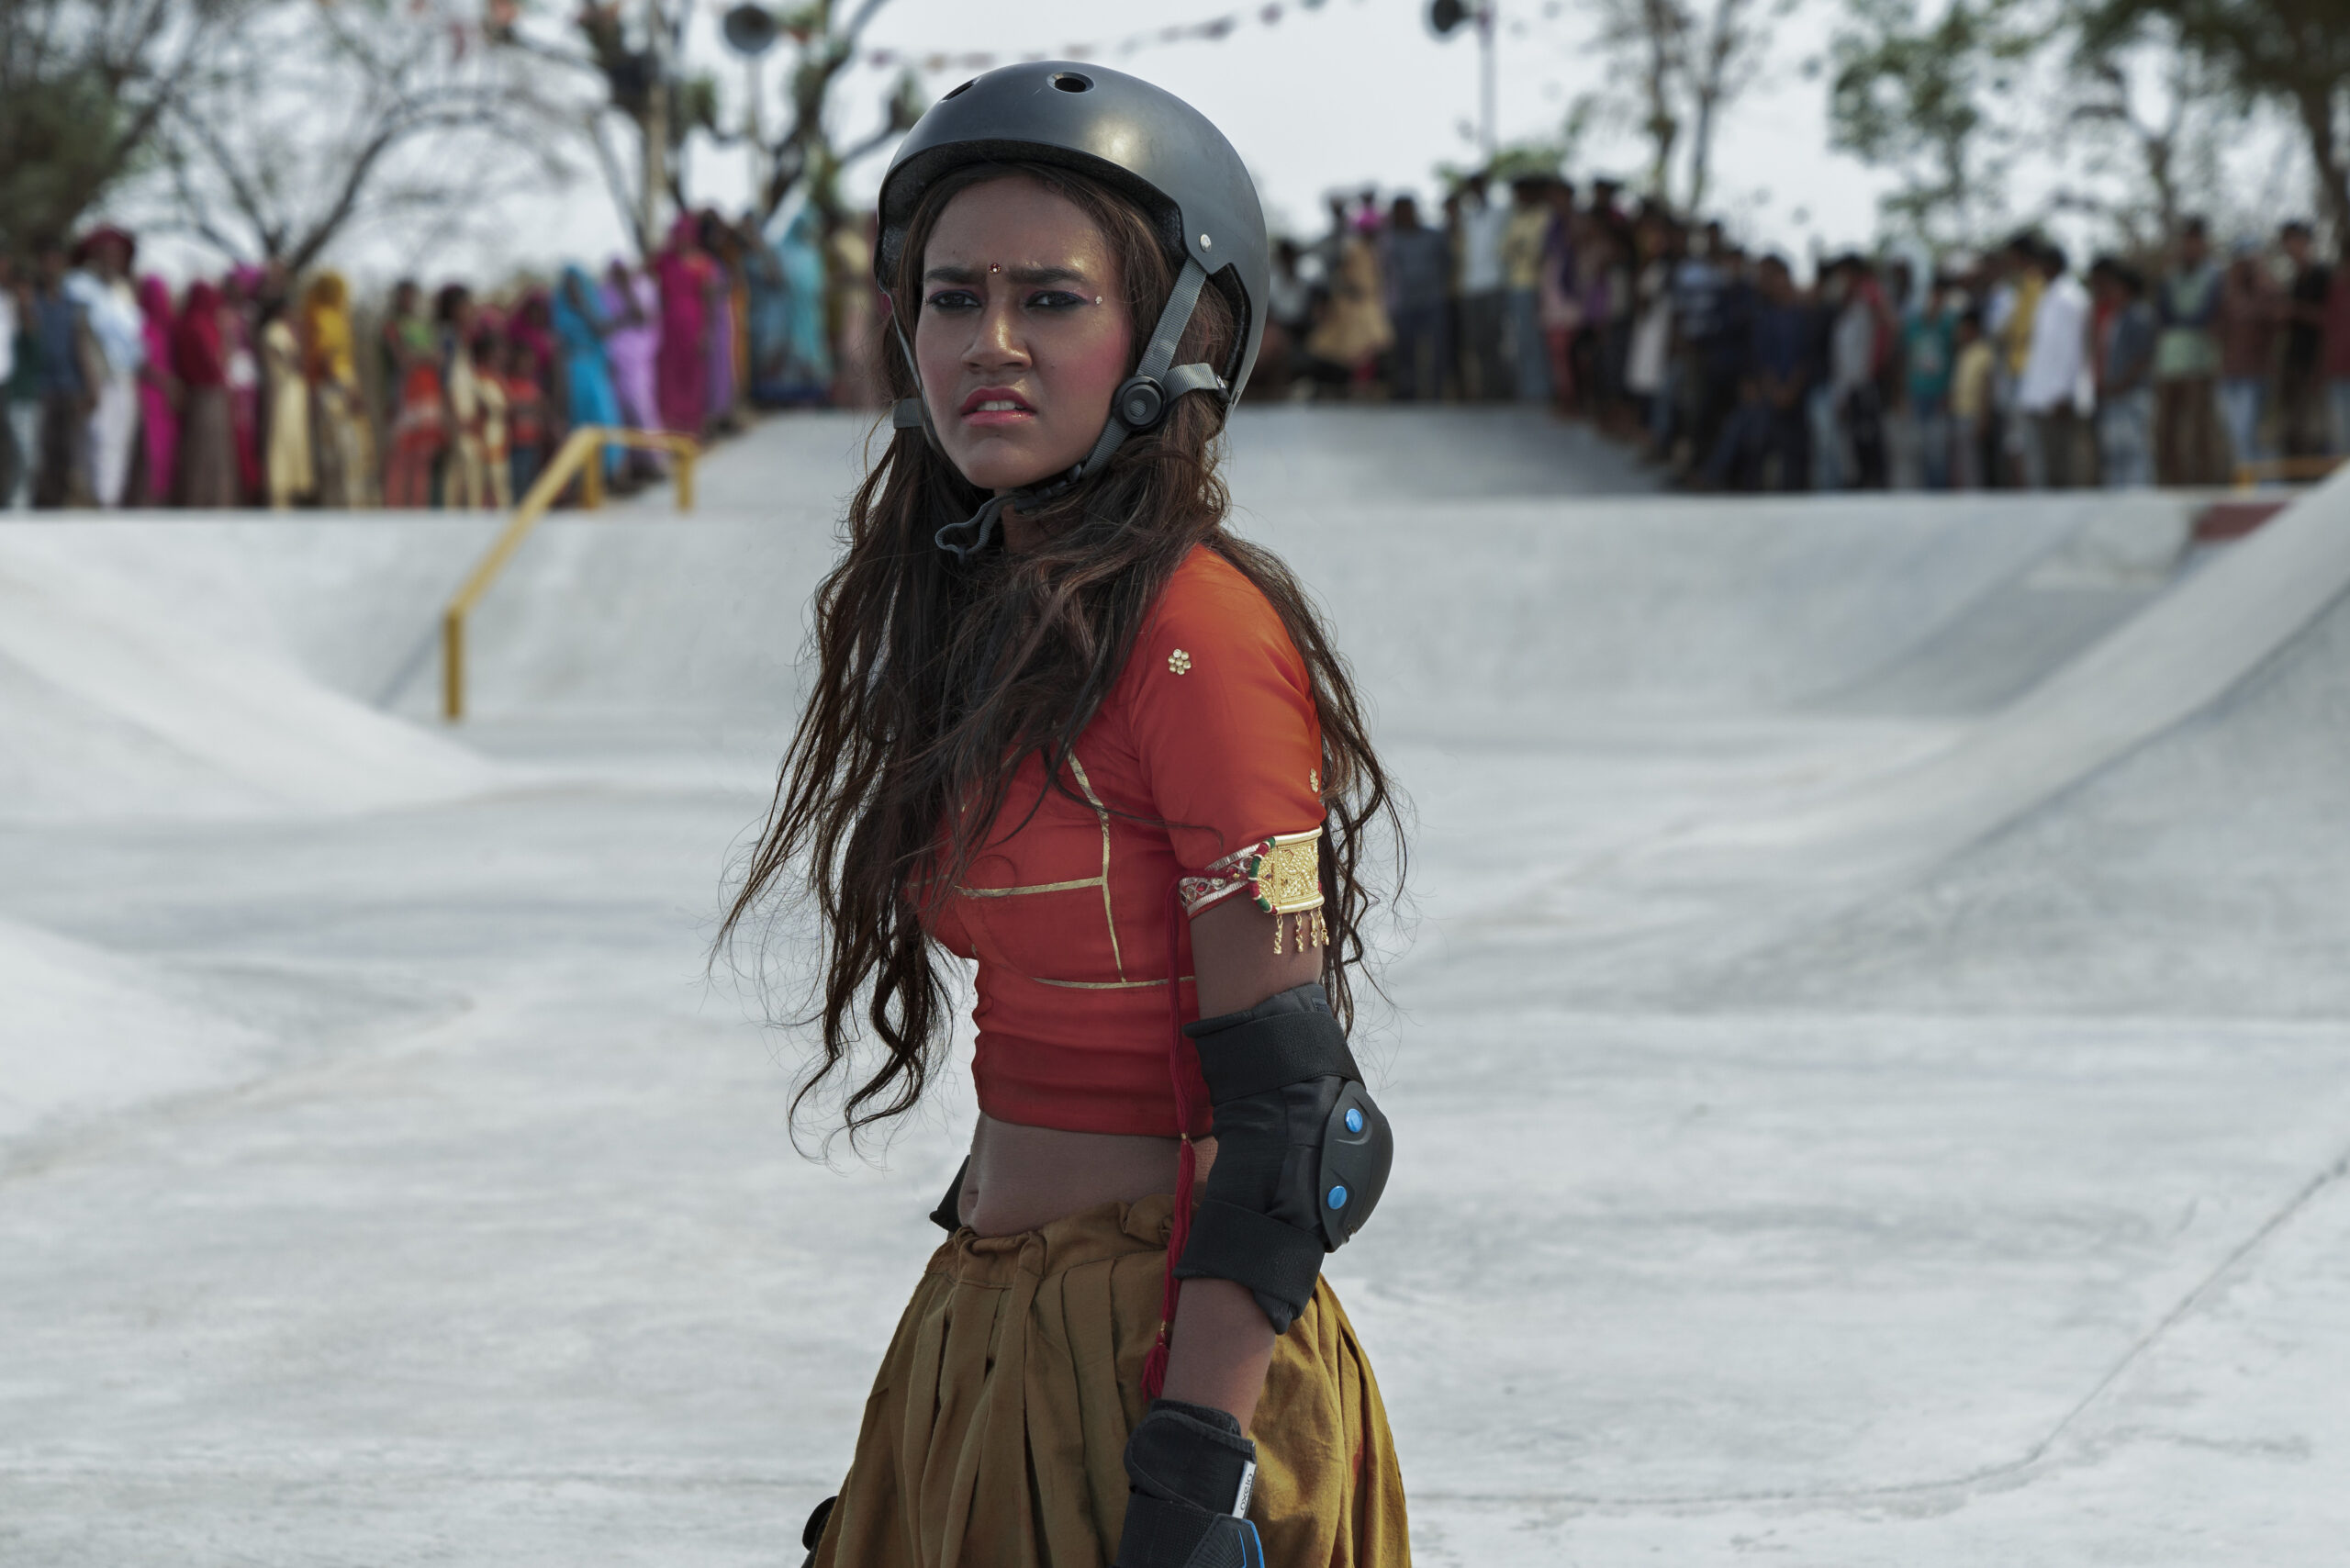 Skater Girl Image 1